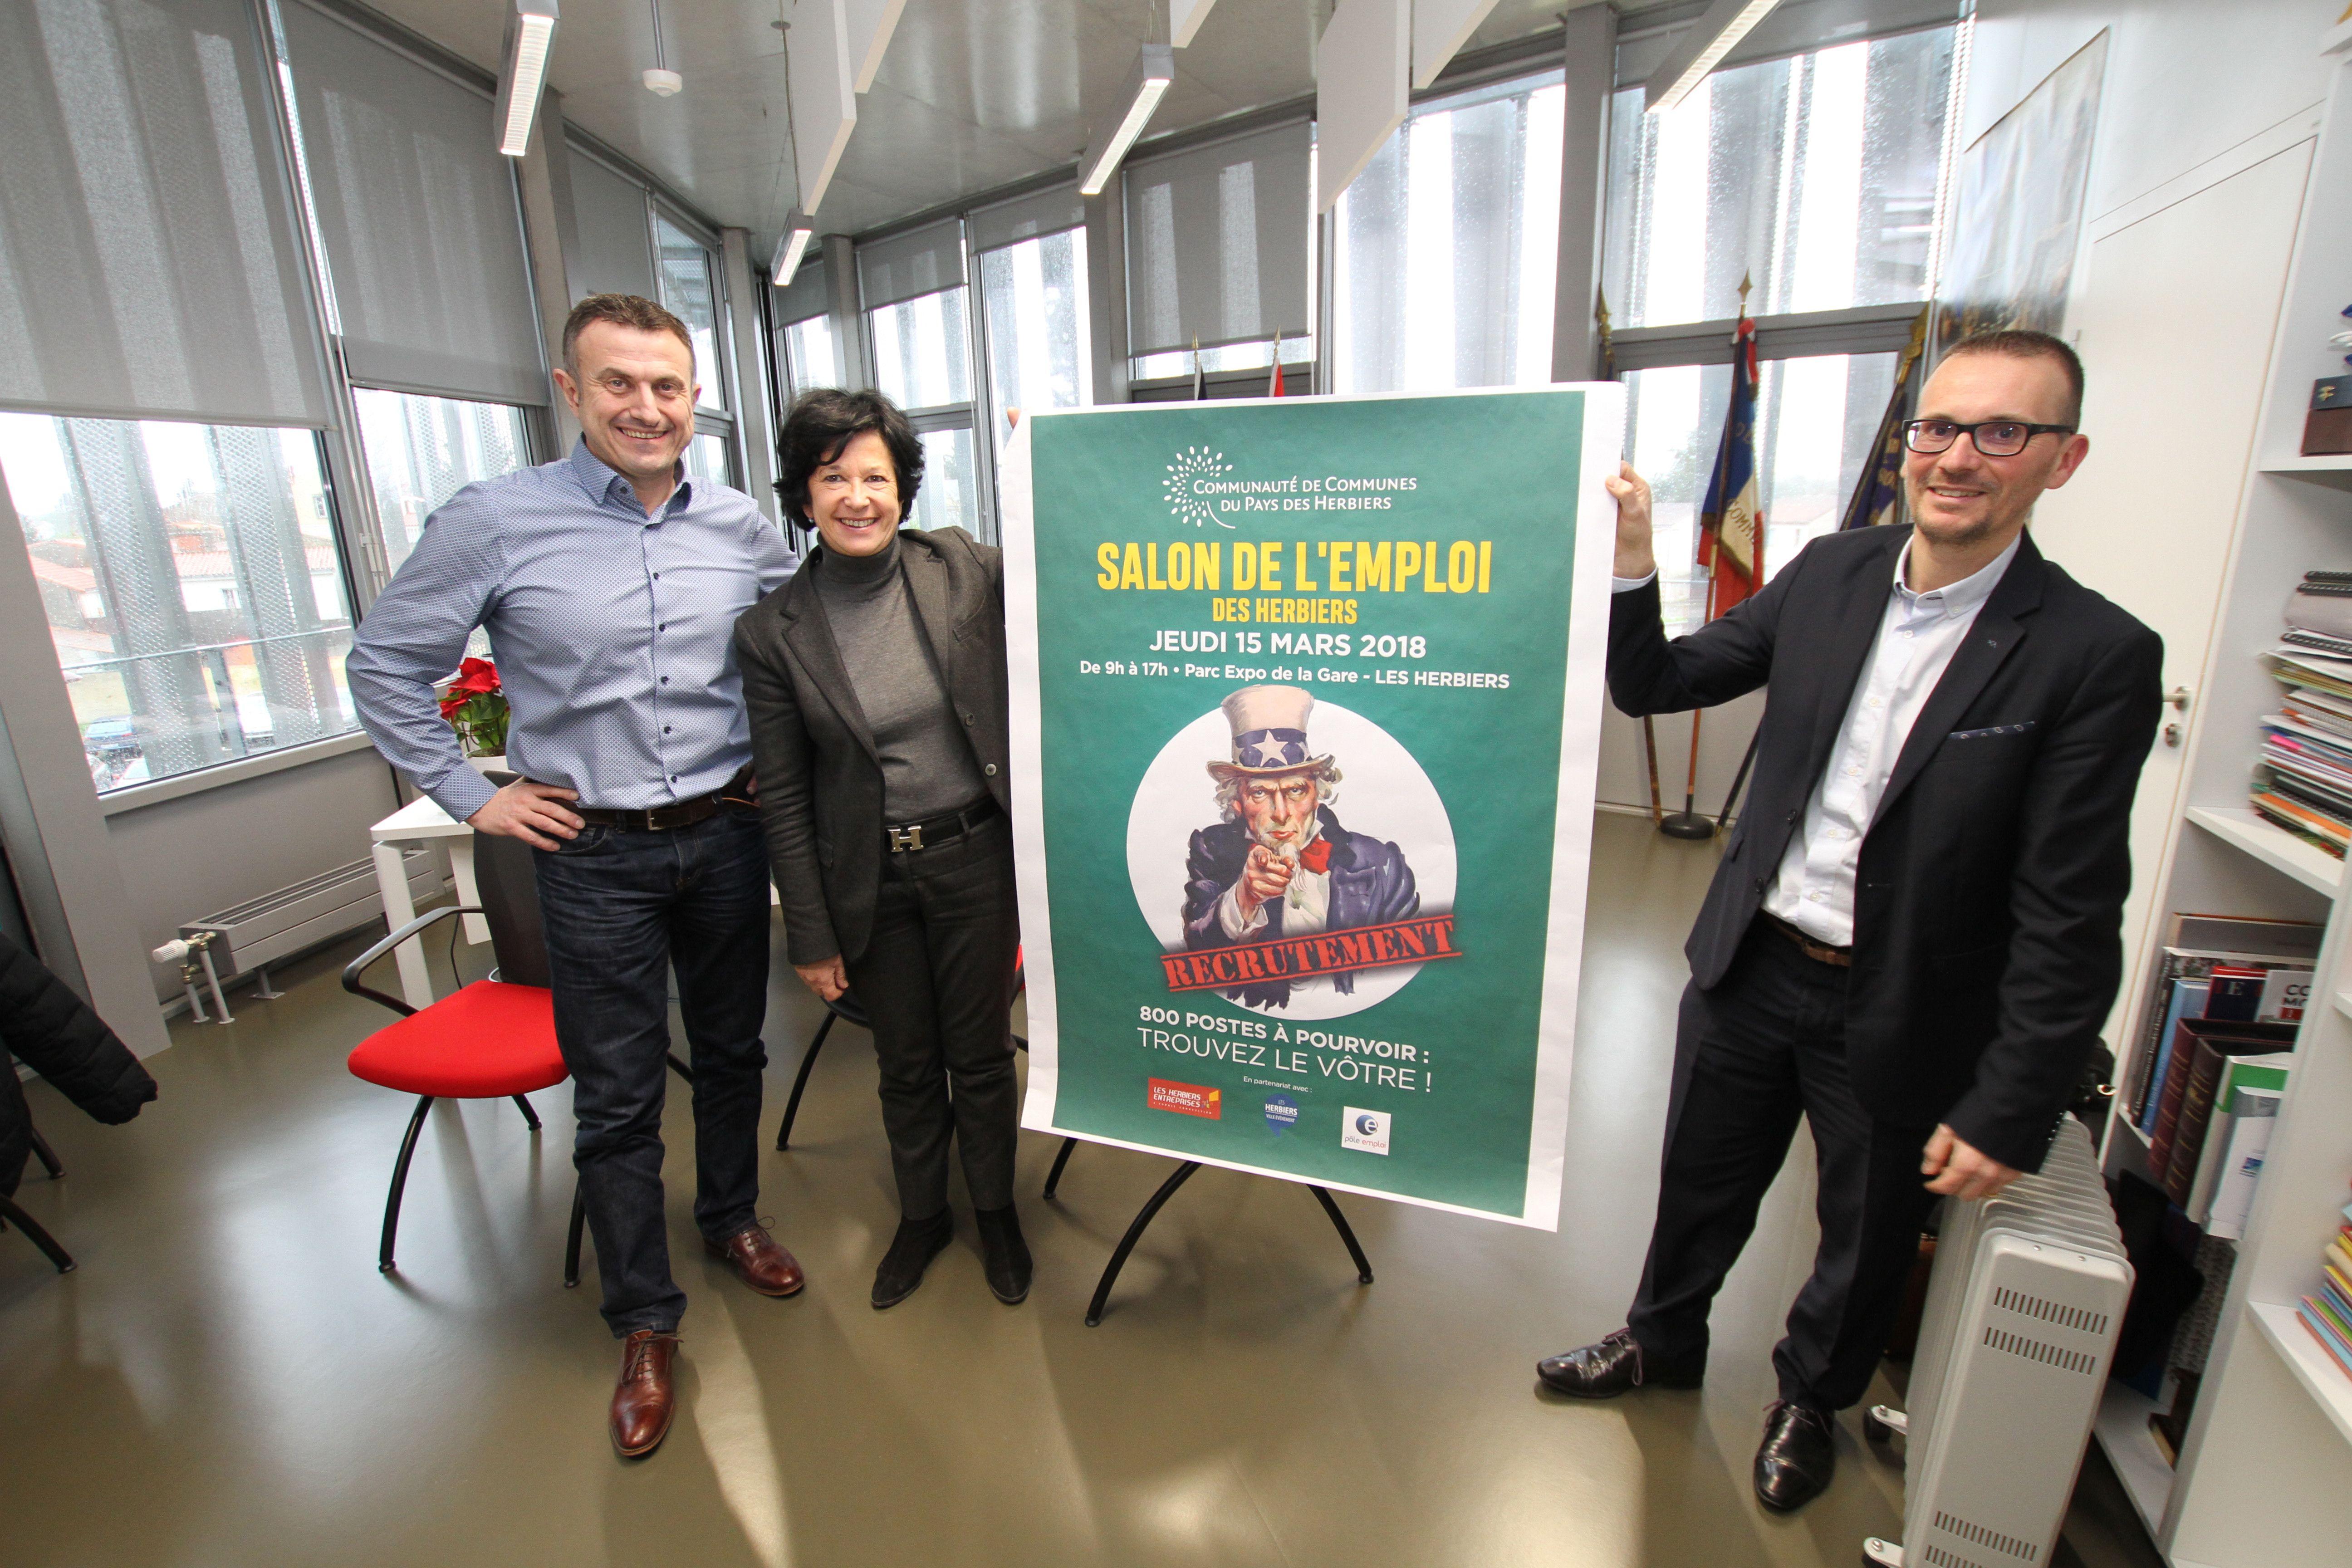 Salon de l emploi le 15 mars conomie - Salon de l emploi luxembourg ...